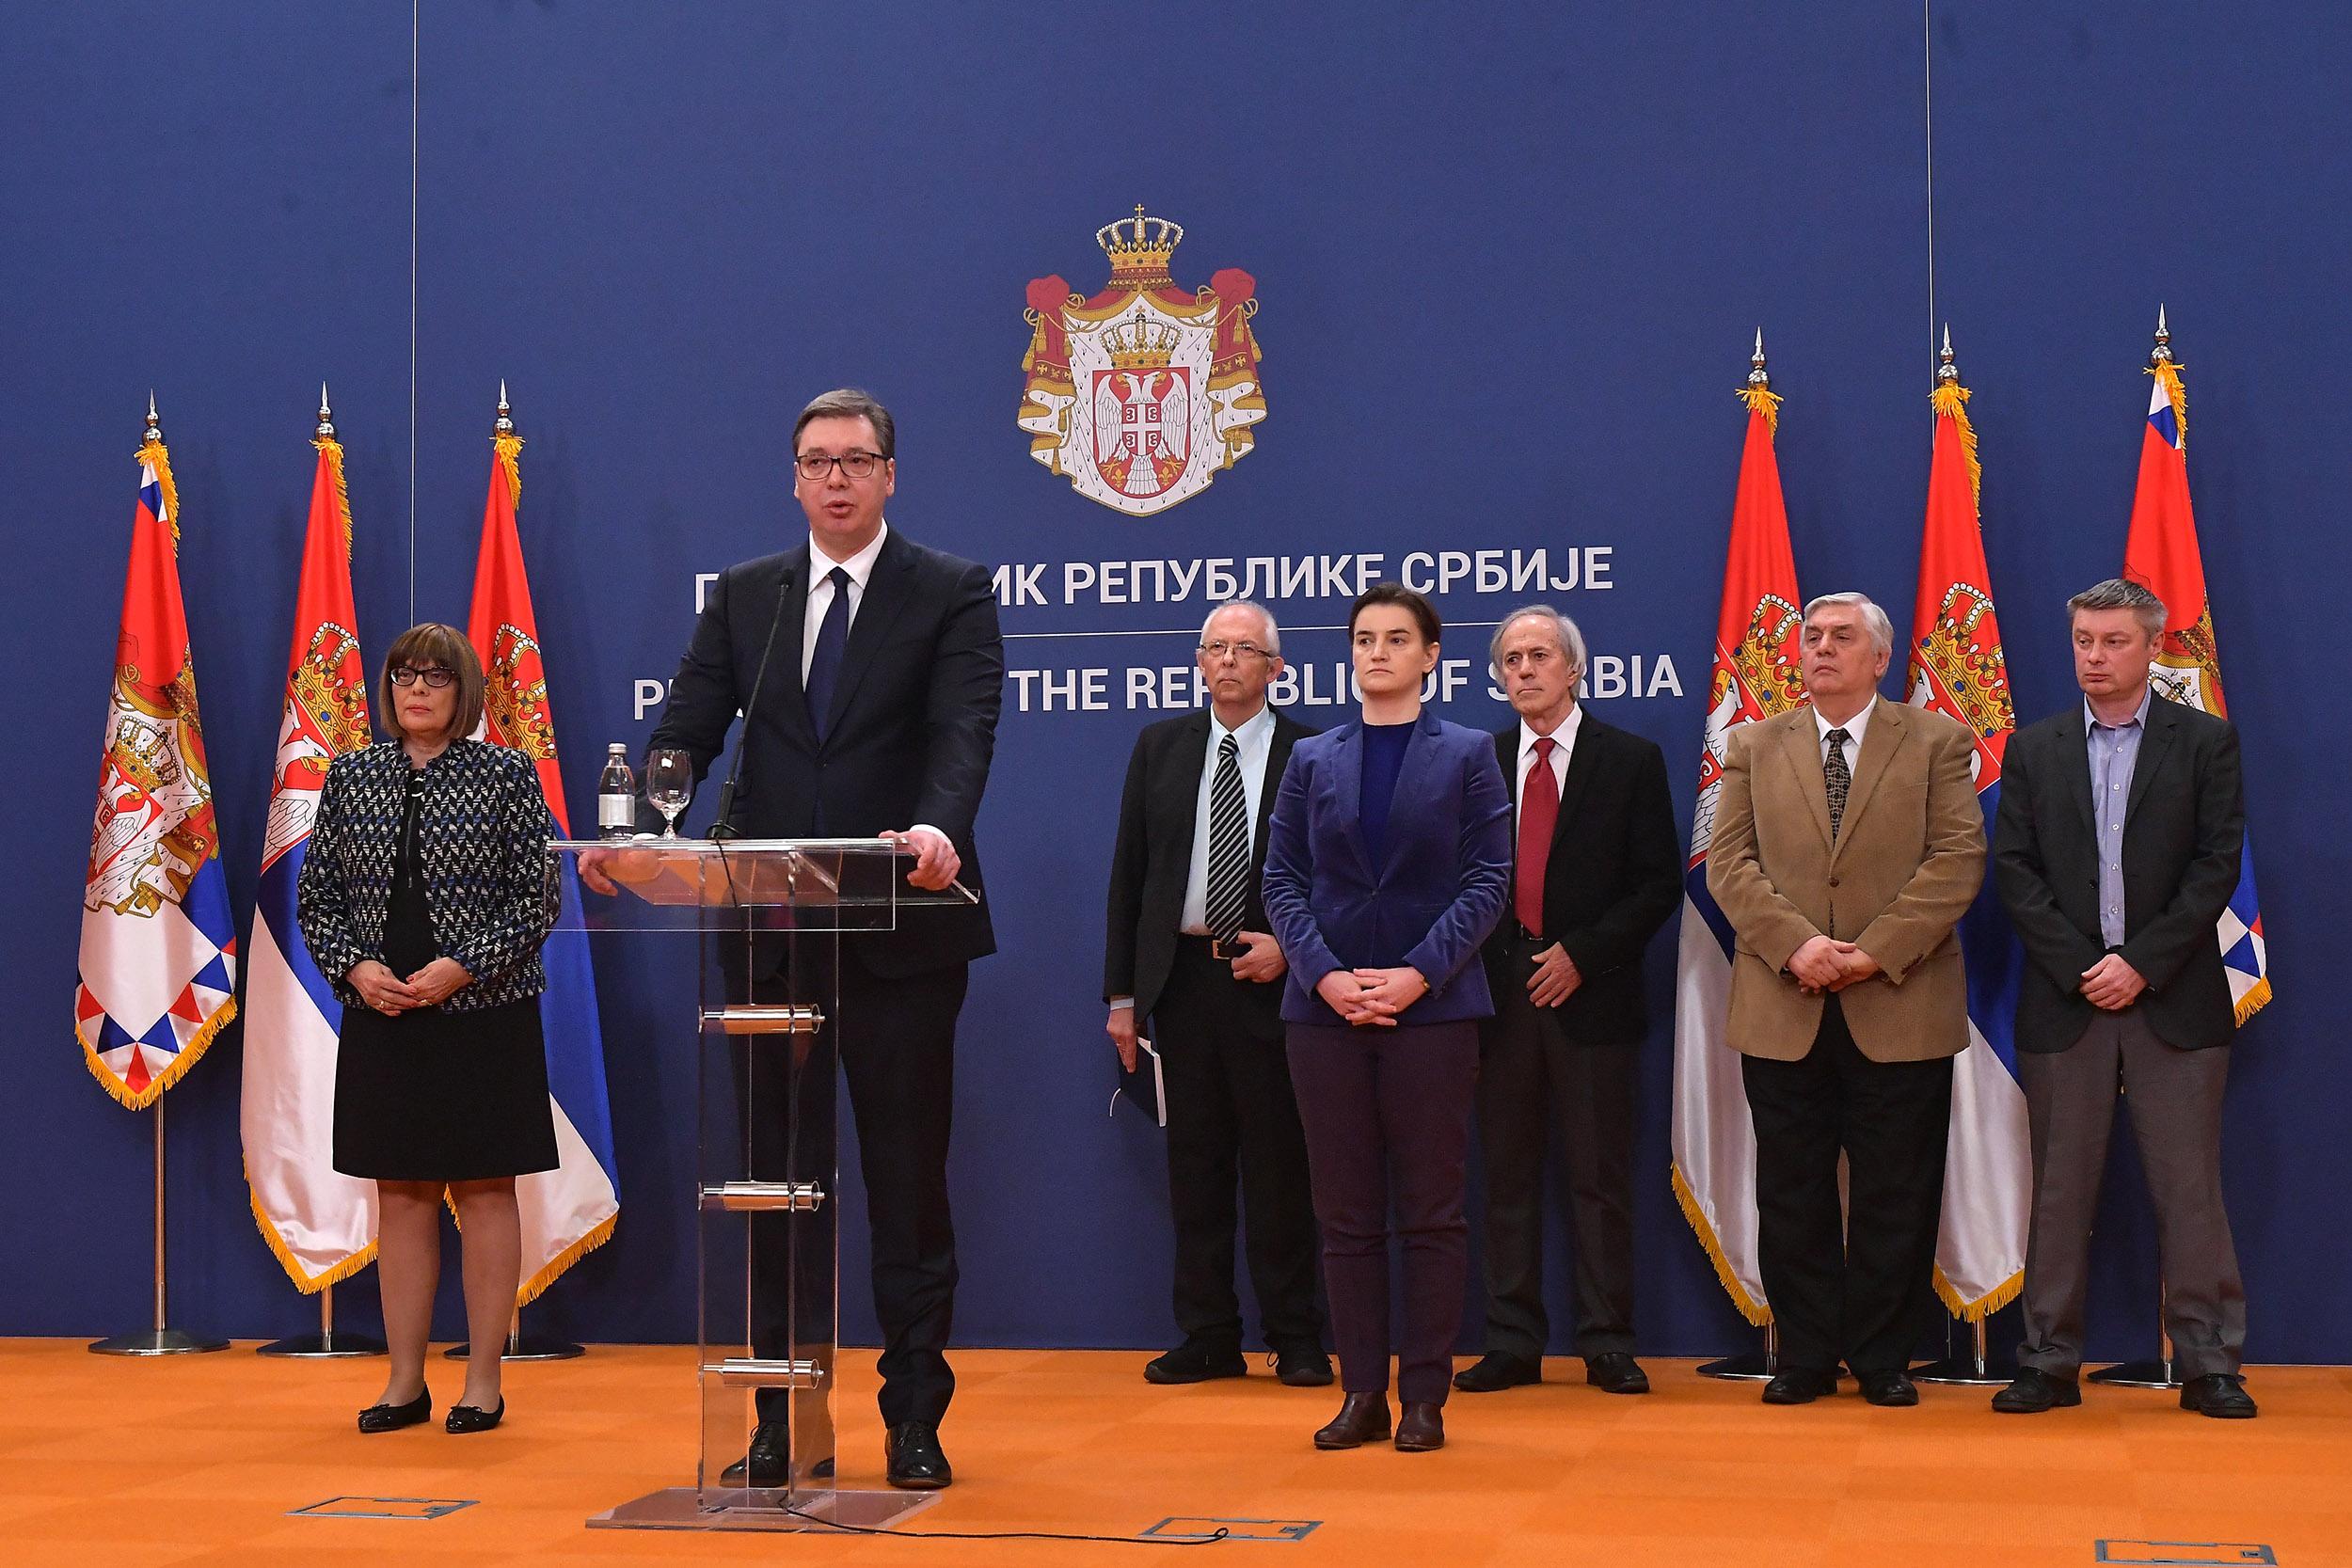 Predsednik Srbije zajedno sa državnim vrhom i medicinskim stručnjacima objavljuje uvođenje vanrednog stanja u Srbiji, 15. mart 2020. (Foto: Ministarstvo odbrane Republike Srbije)